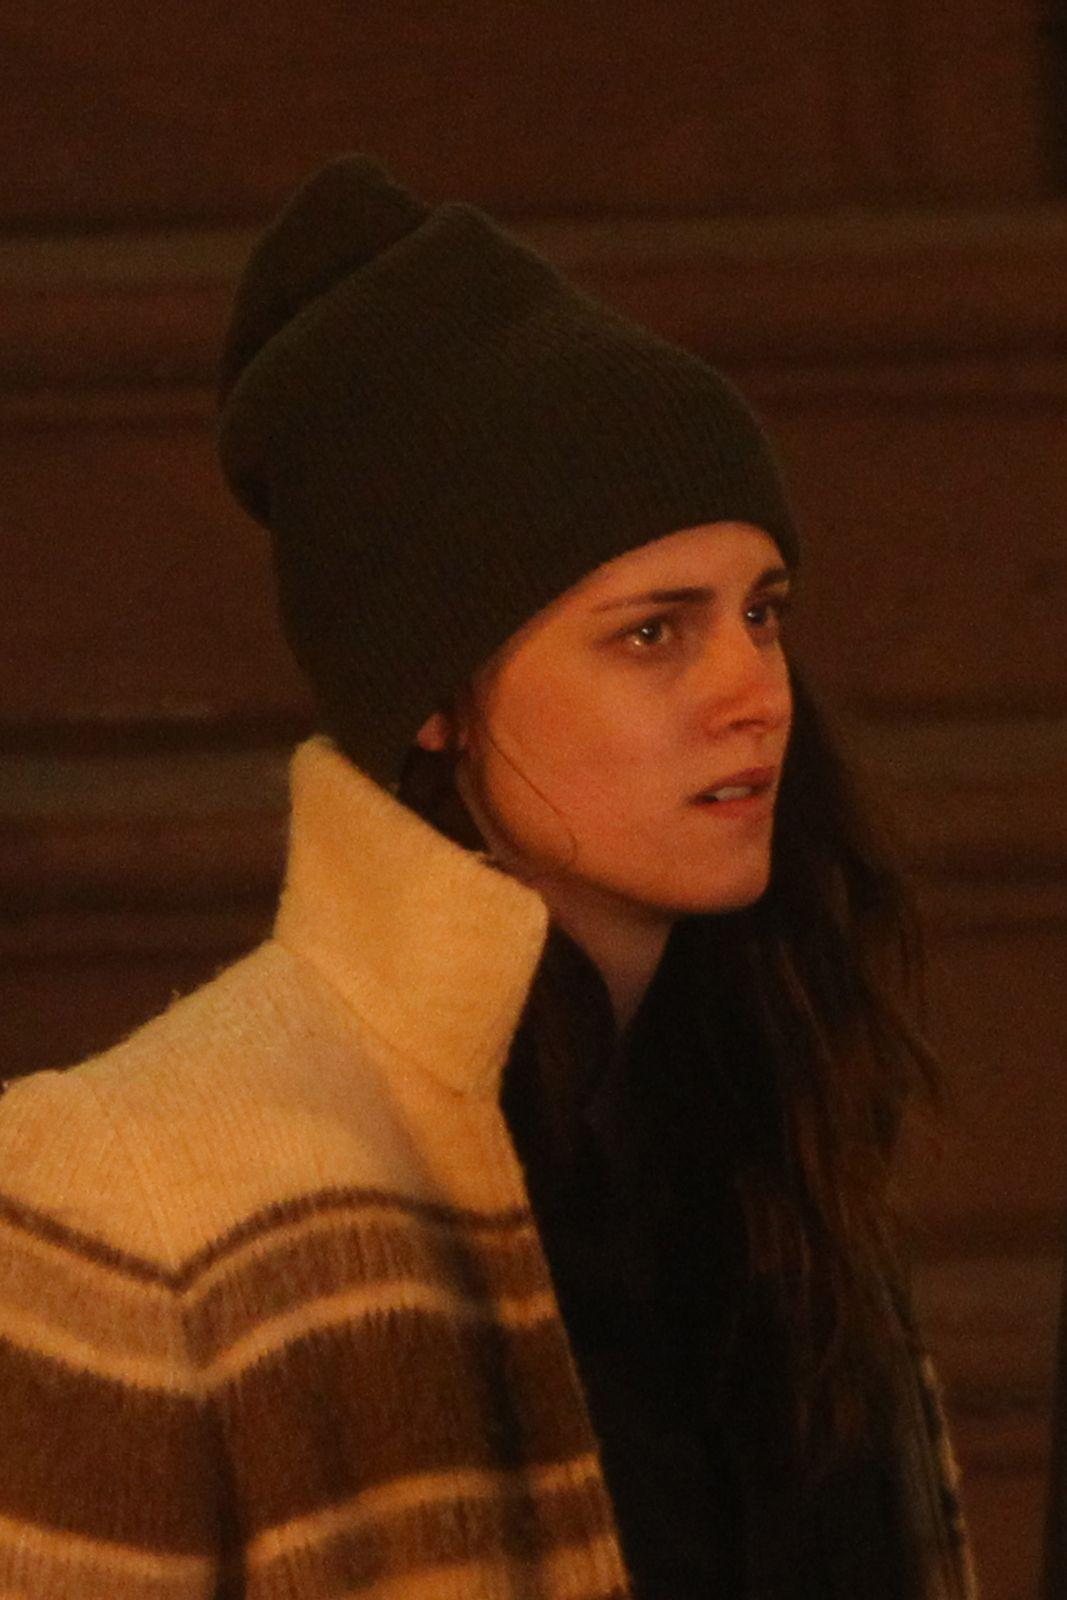 Novas Imagens De Kristen Filmando 'Anesthesia' No Dia 4/11